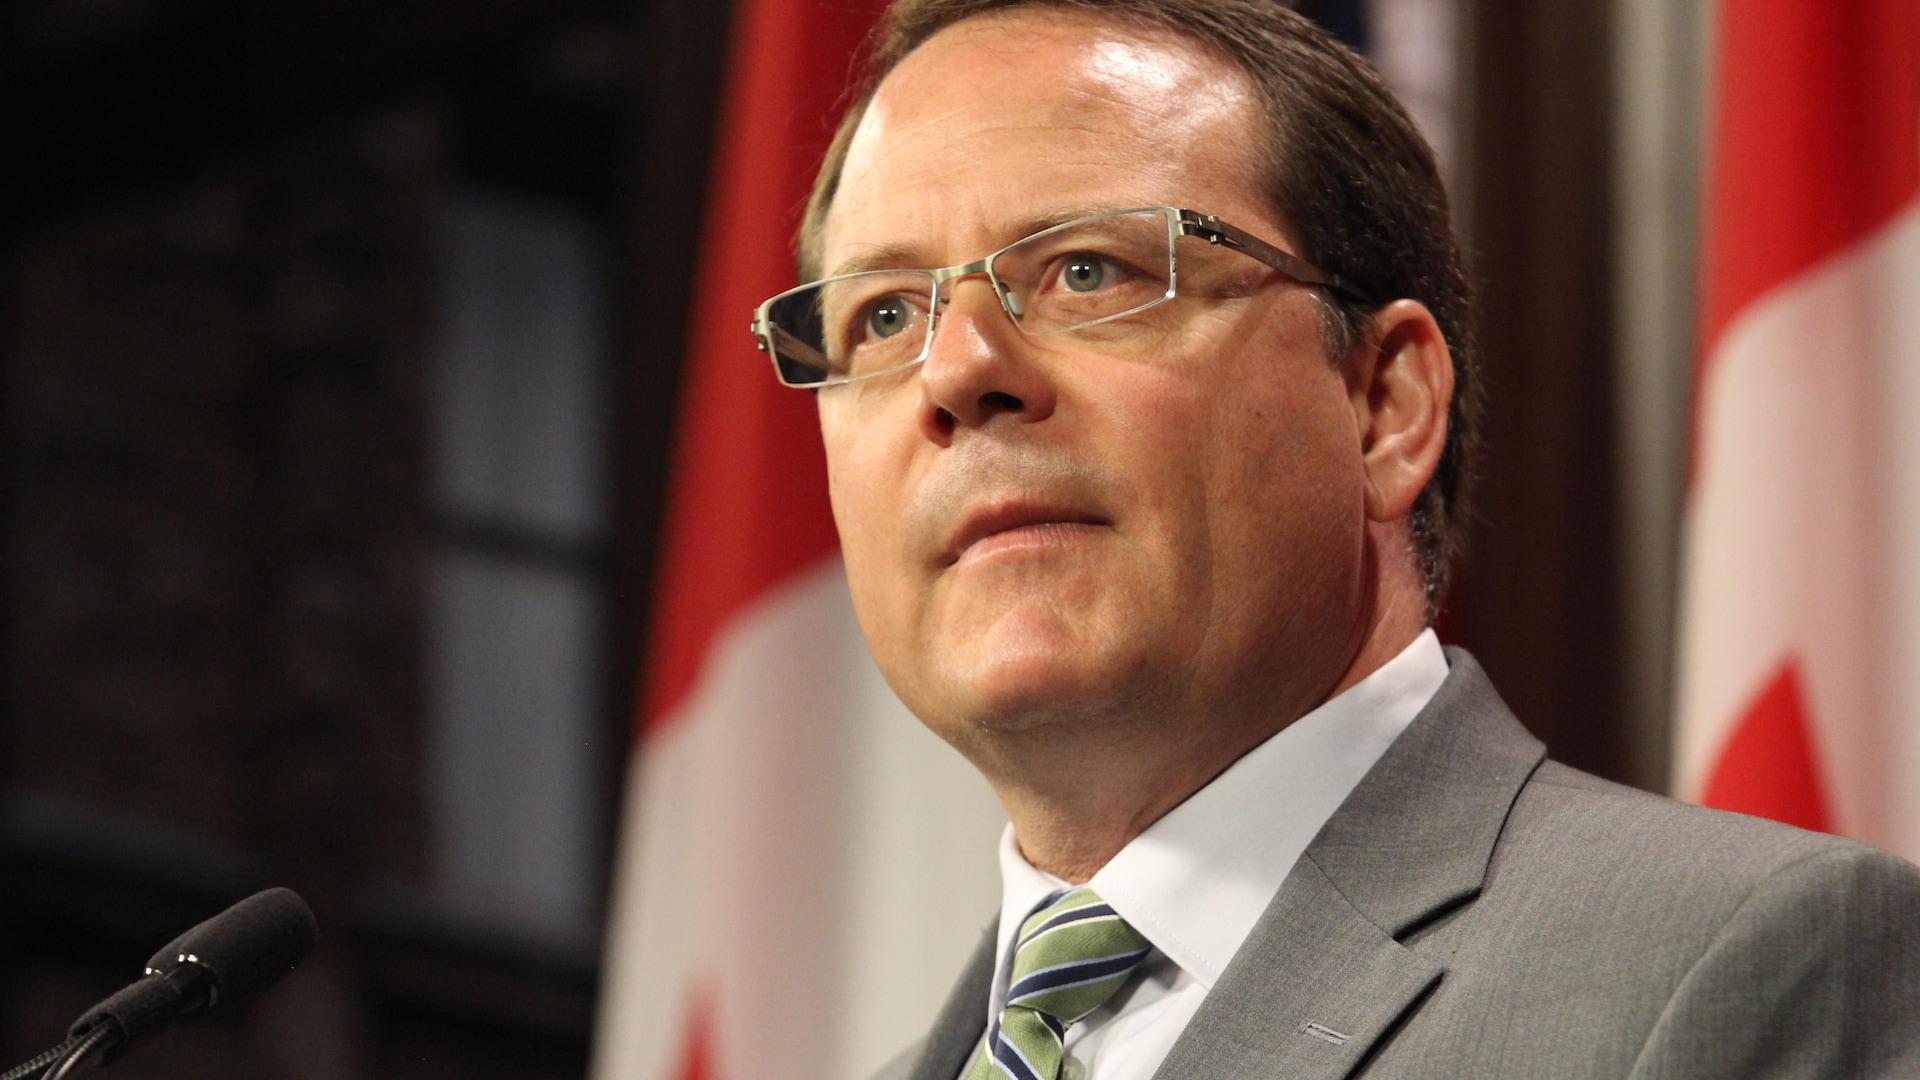 Un homme qui porte des lunettes devant des drapeaux canadiens